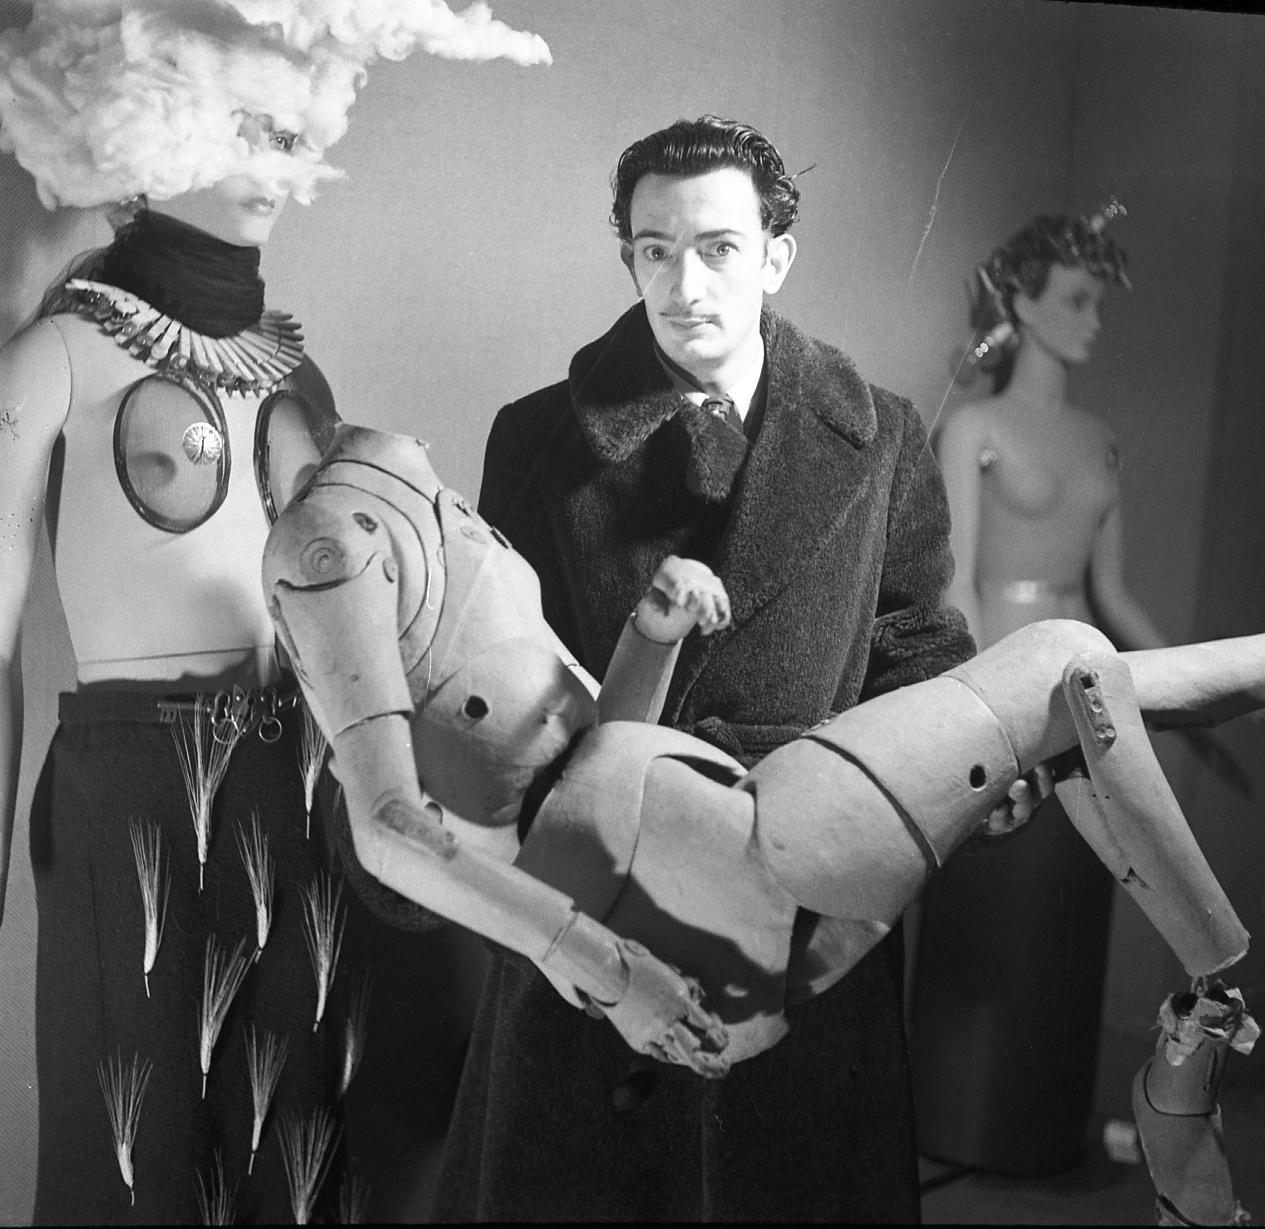 Dali tenant un mannequin, Denise Bellon